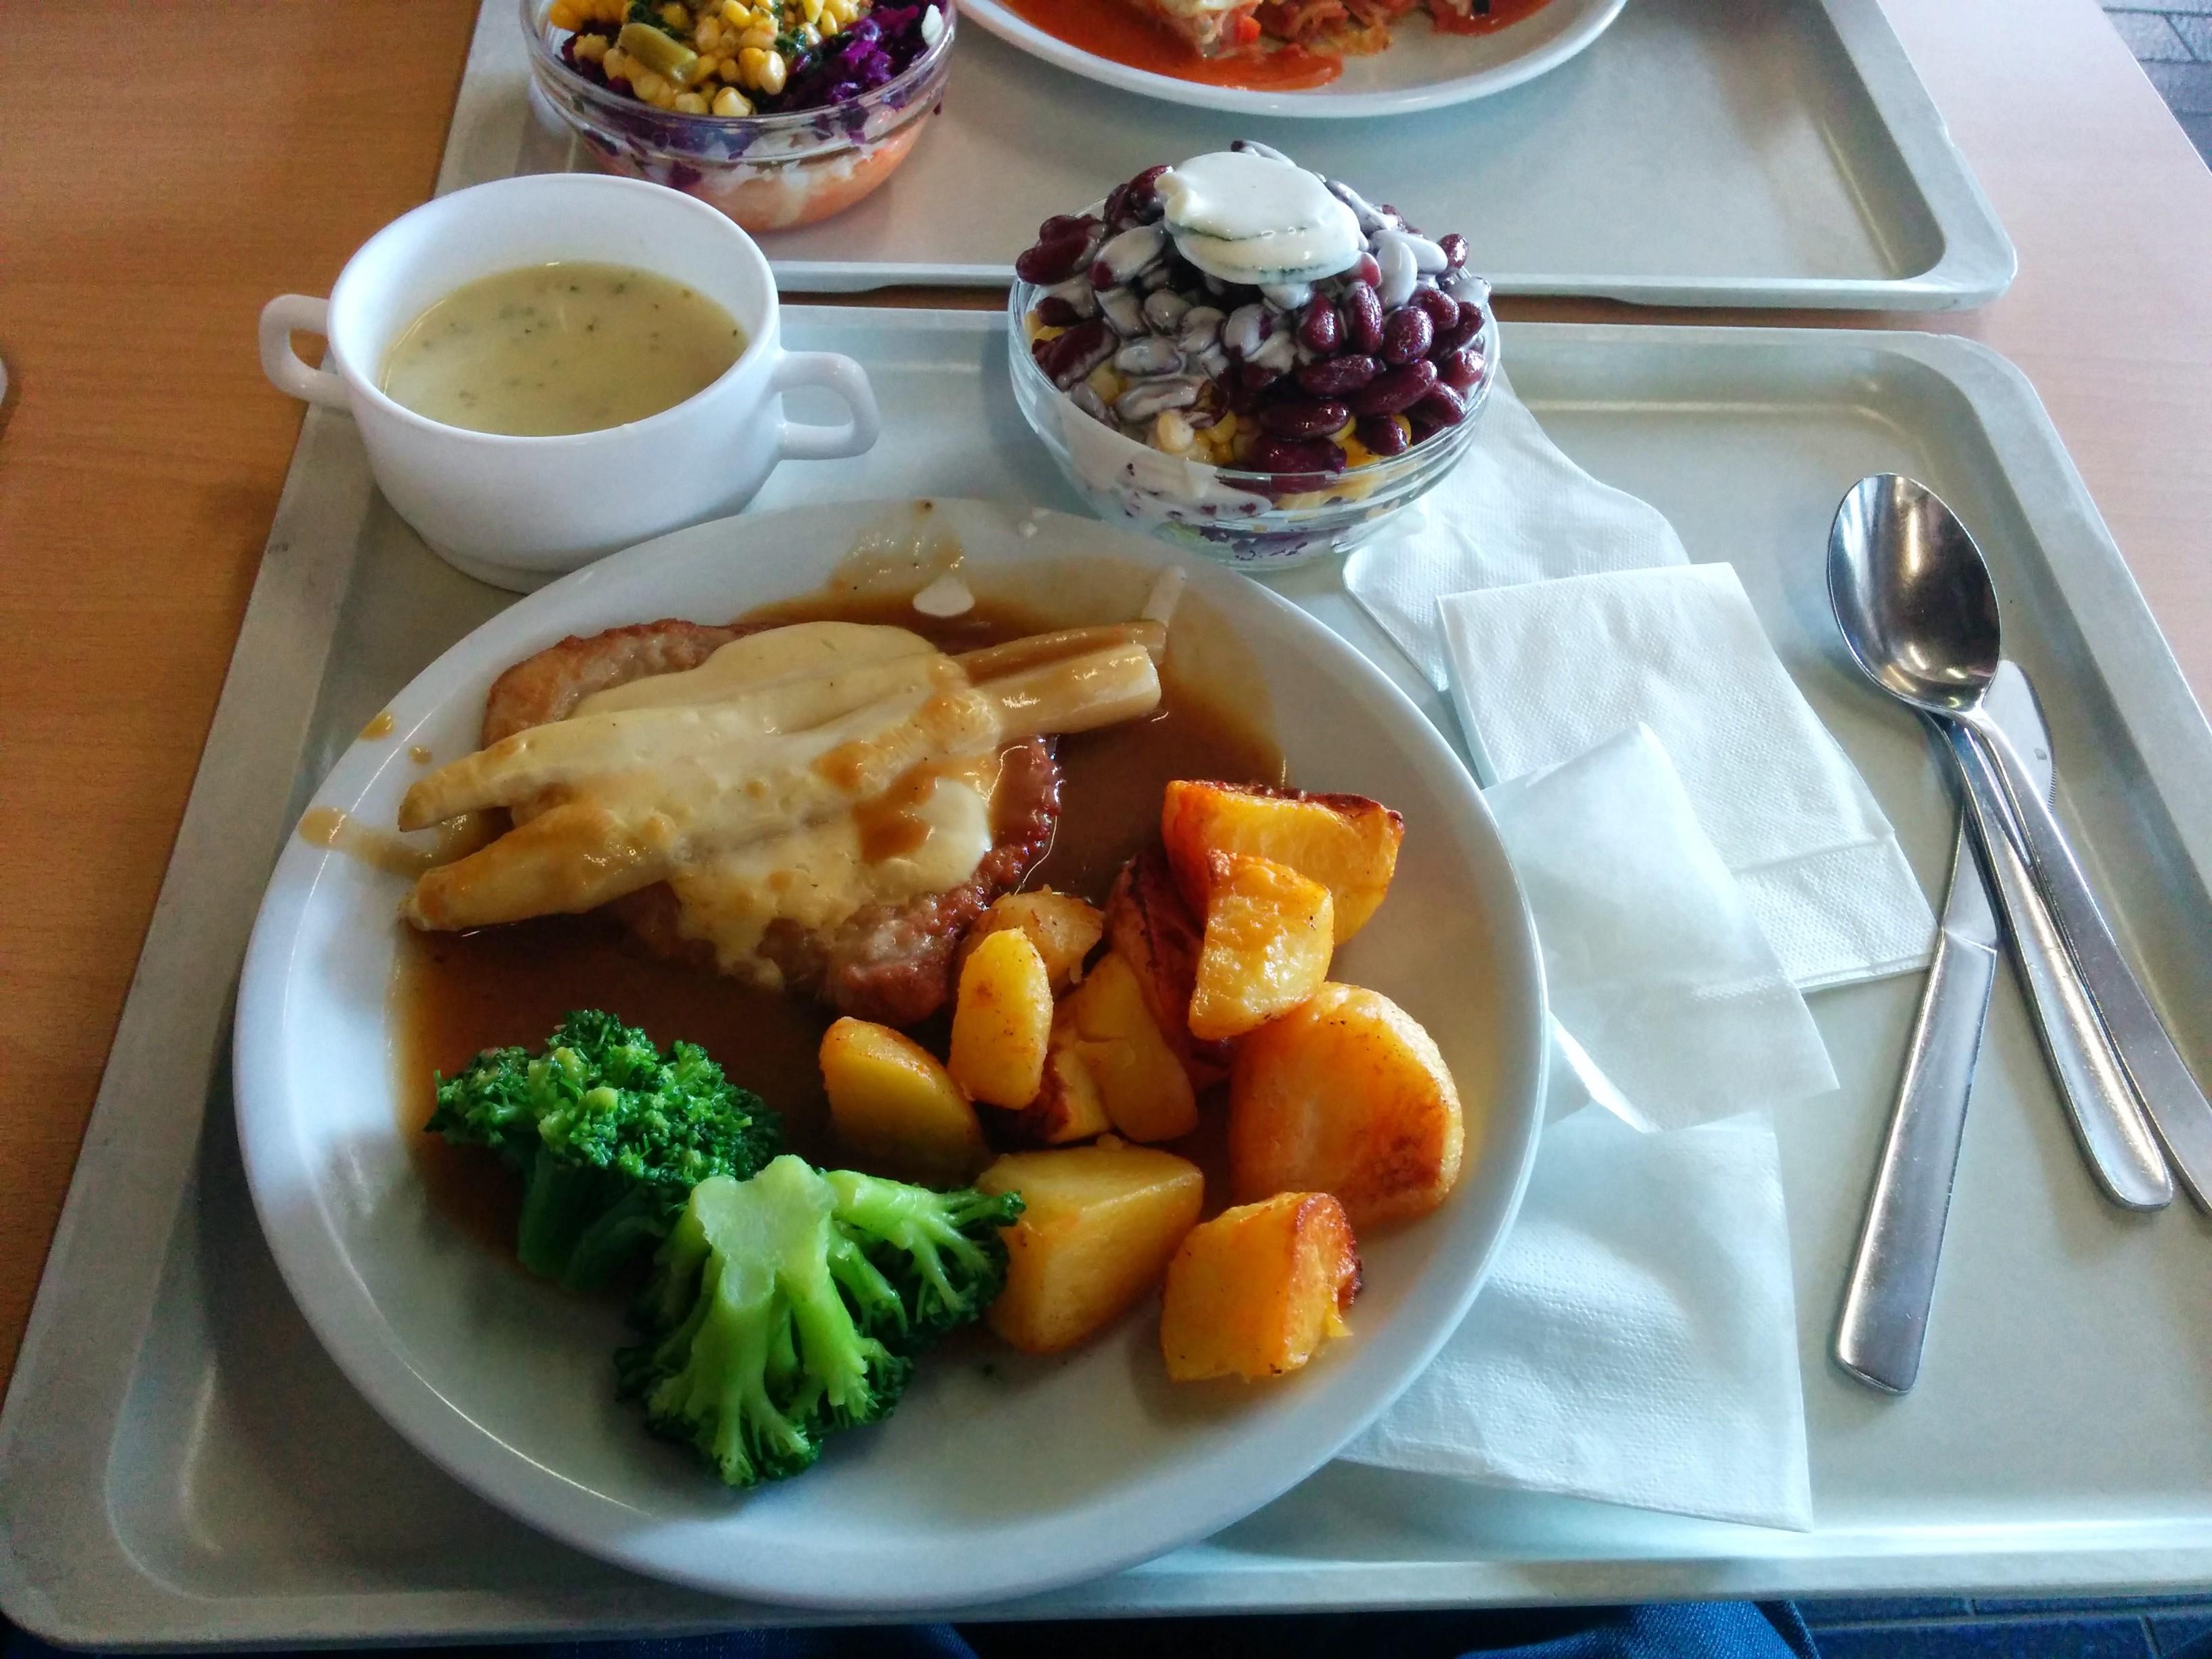 http://foodloader.net/nico_2014-04-16_rueckensteak-mit-spargel-kartoffeln-suppe-und-salat.jpg